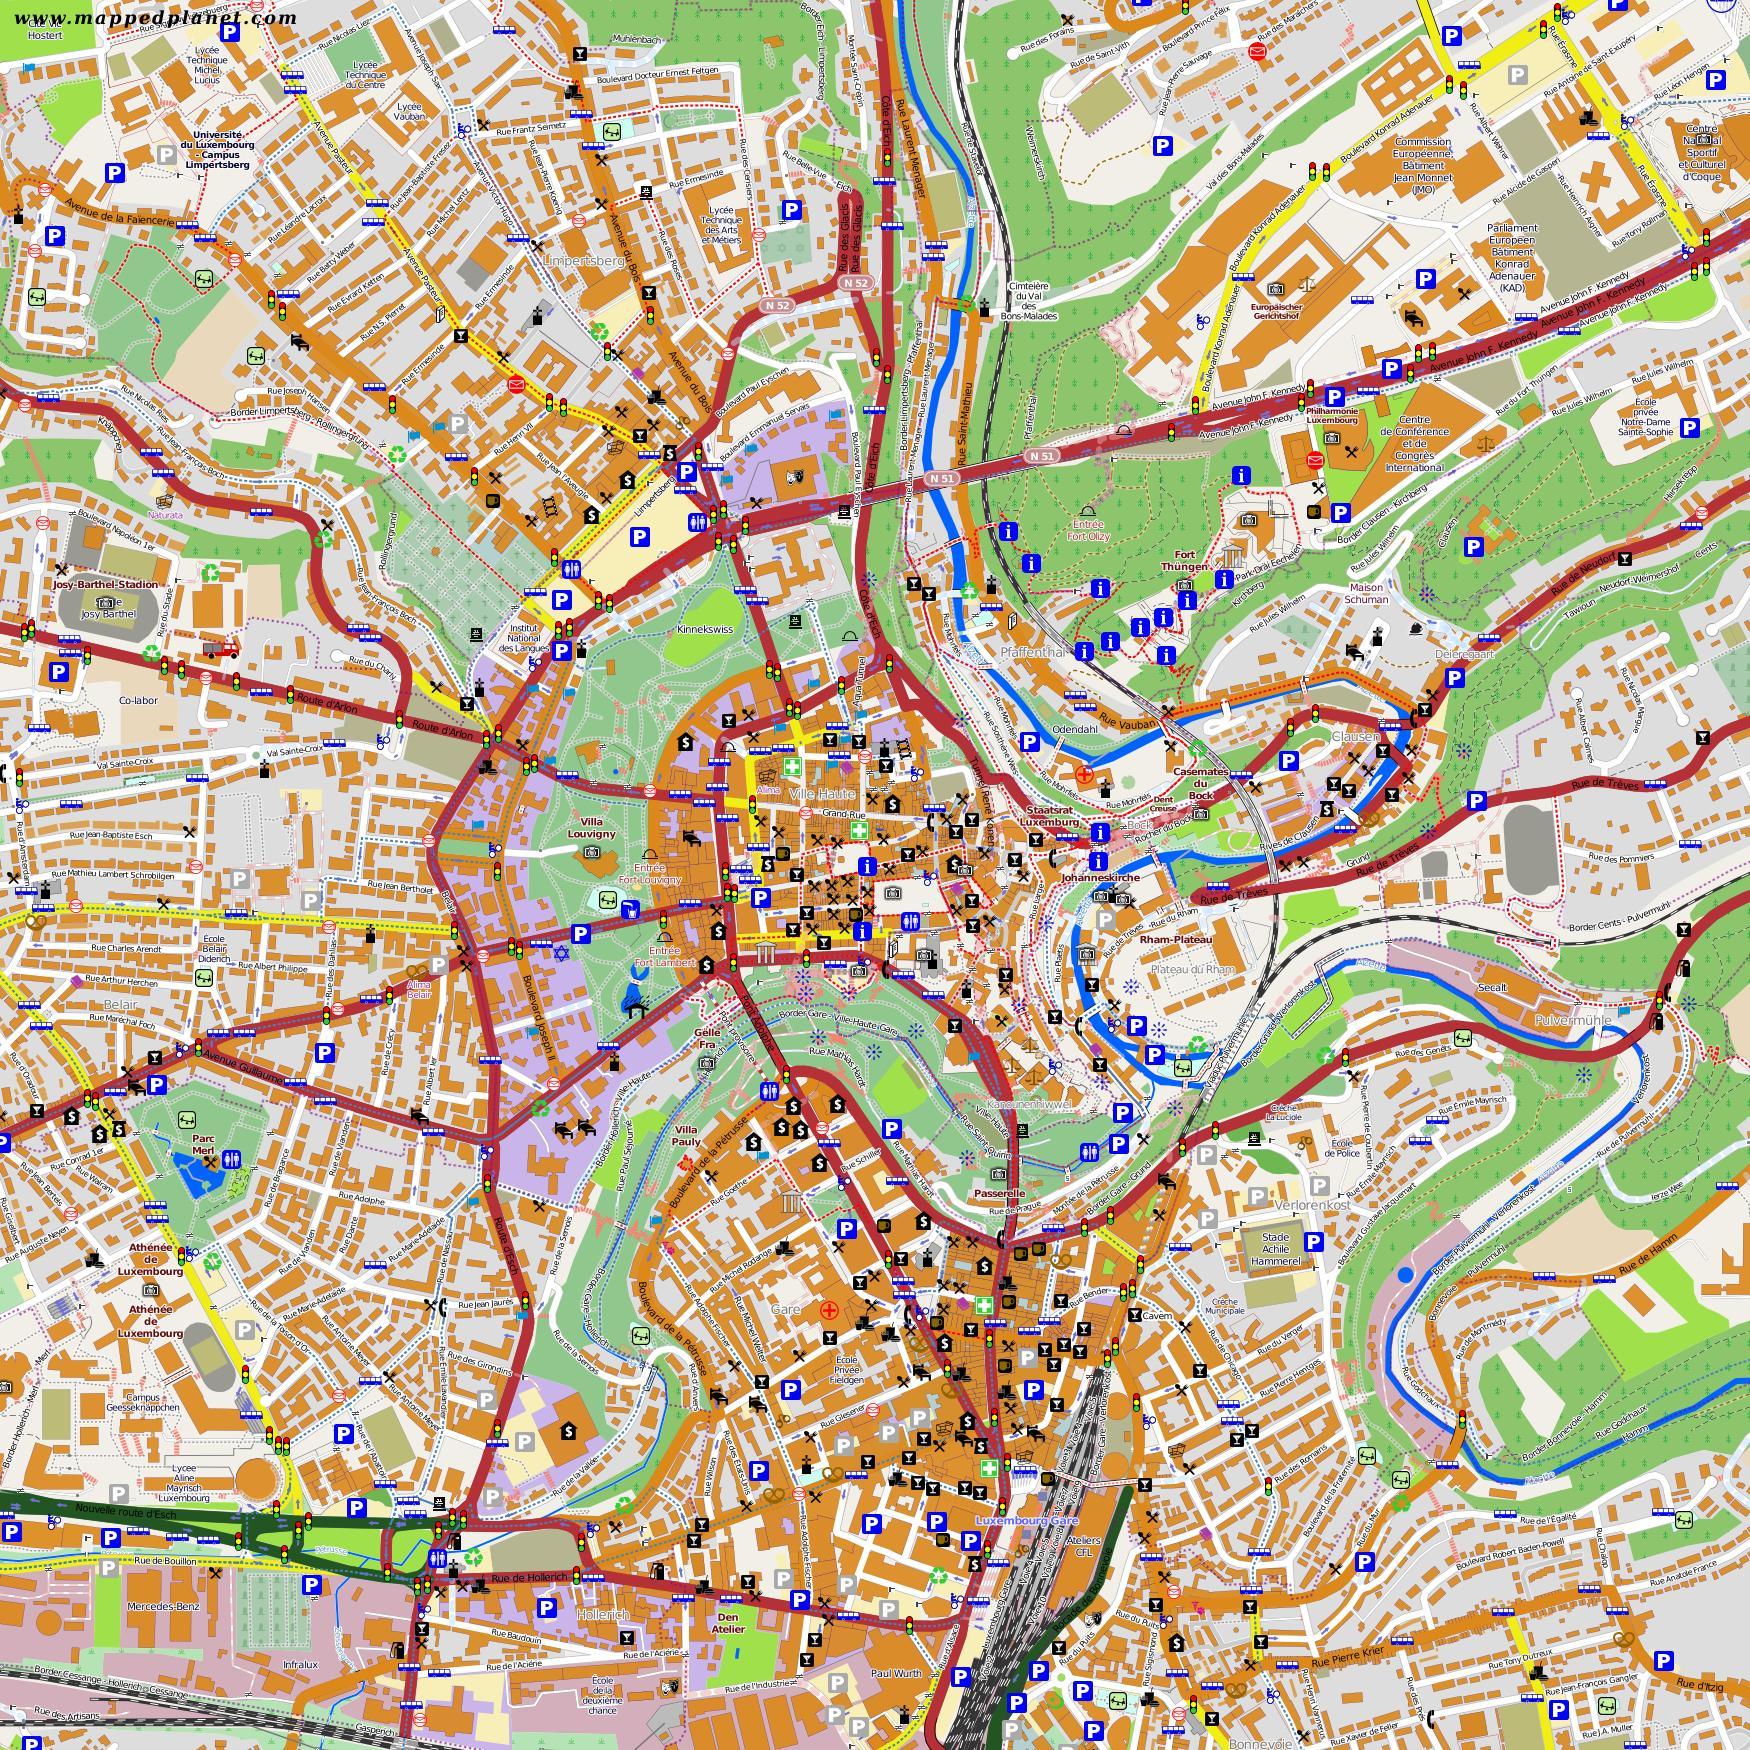 Luxemburgin Kaupungin Kartta Kartta Luxemburgin Keskusta Lansi